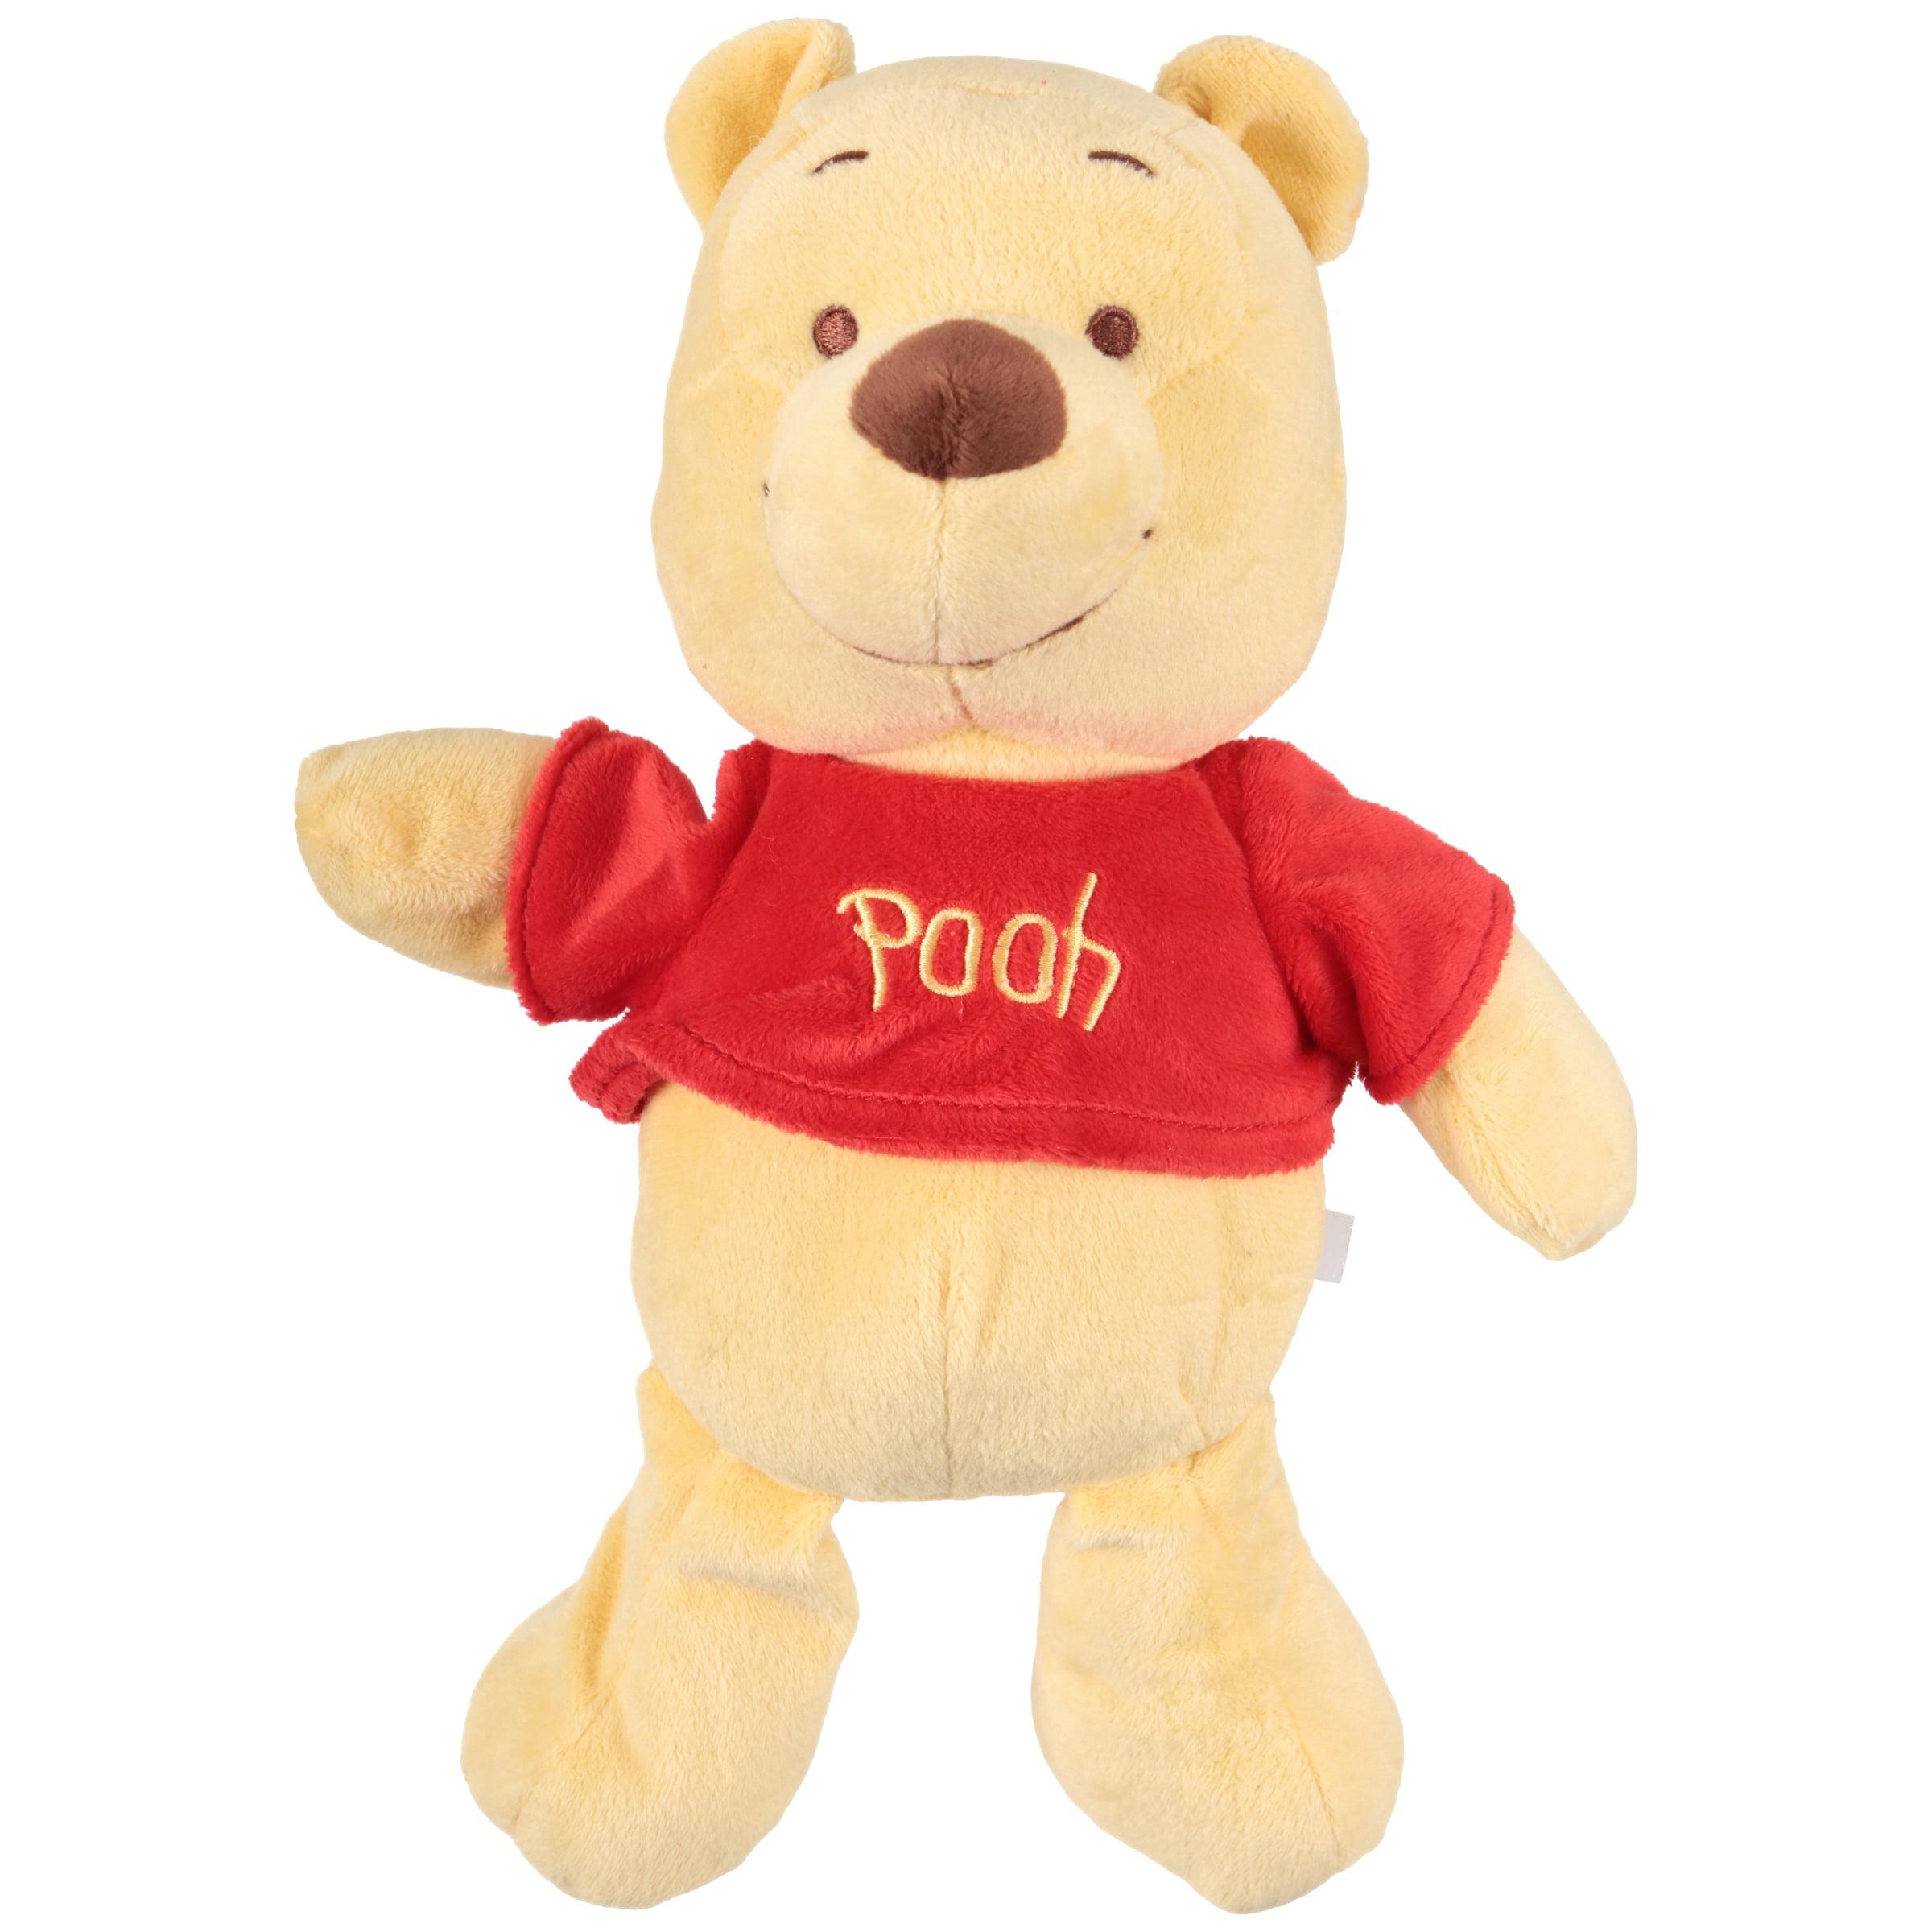 Disney Baby Winnie The Pooh Teddy Bear Plush